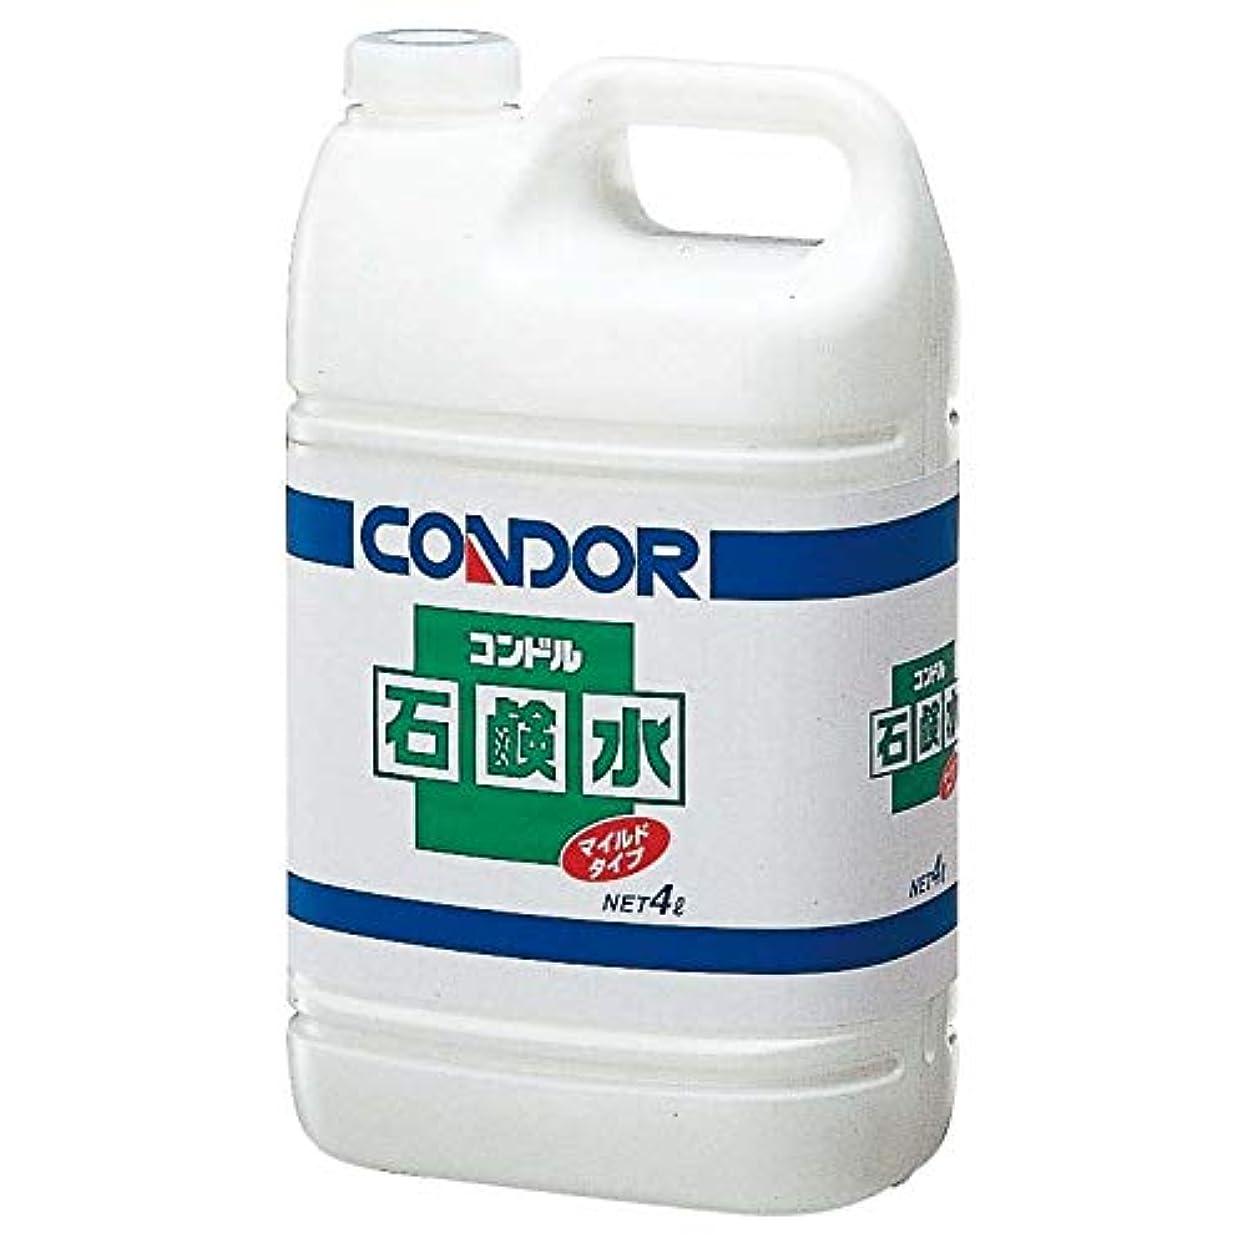 【清潔キレイ館】コンドル 石鹸水(4L)